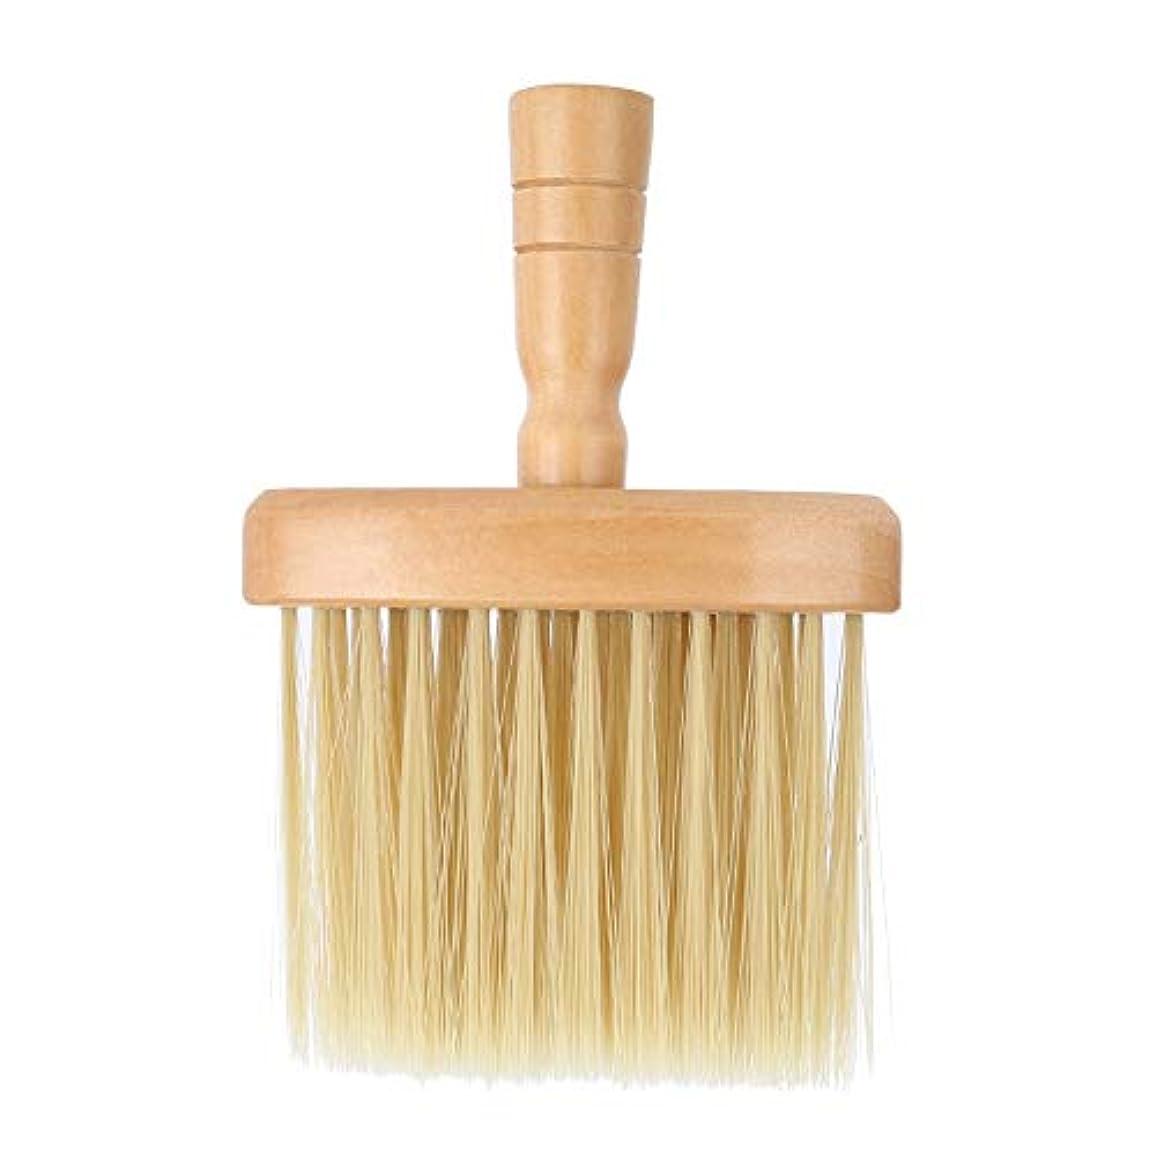 生産性バング労働ヘアカットブラシネックフェイスダスターブラシサロンヘアクリーニング木製掃除ブラシヘアカット理髪ツール